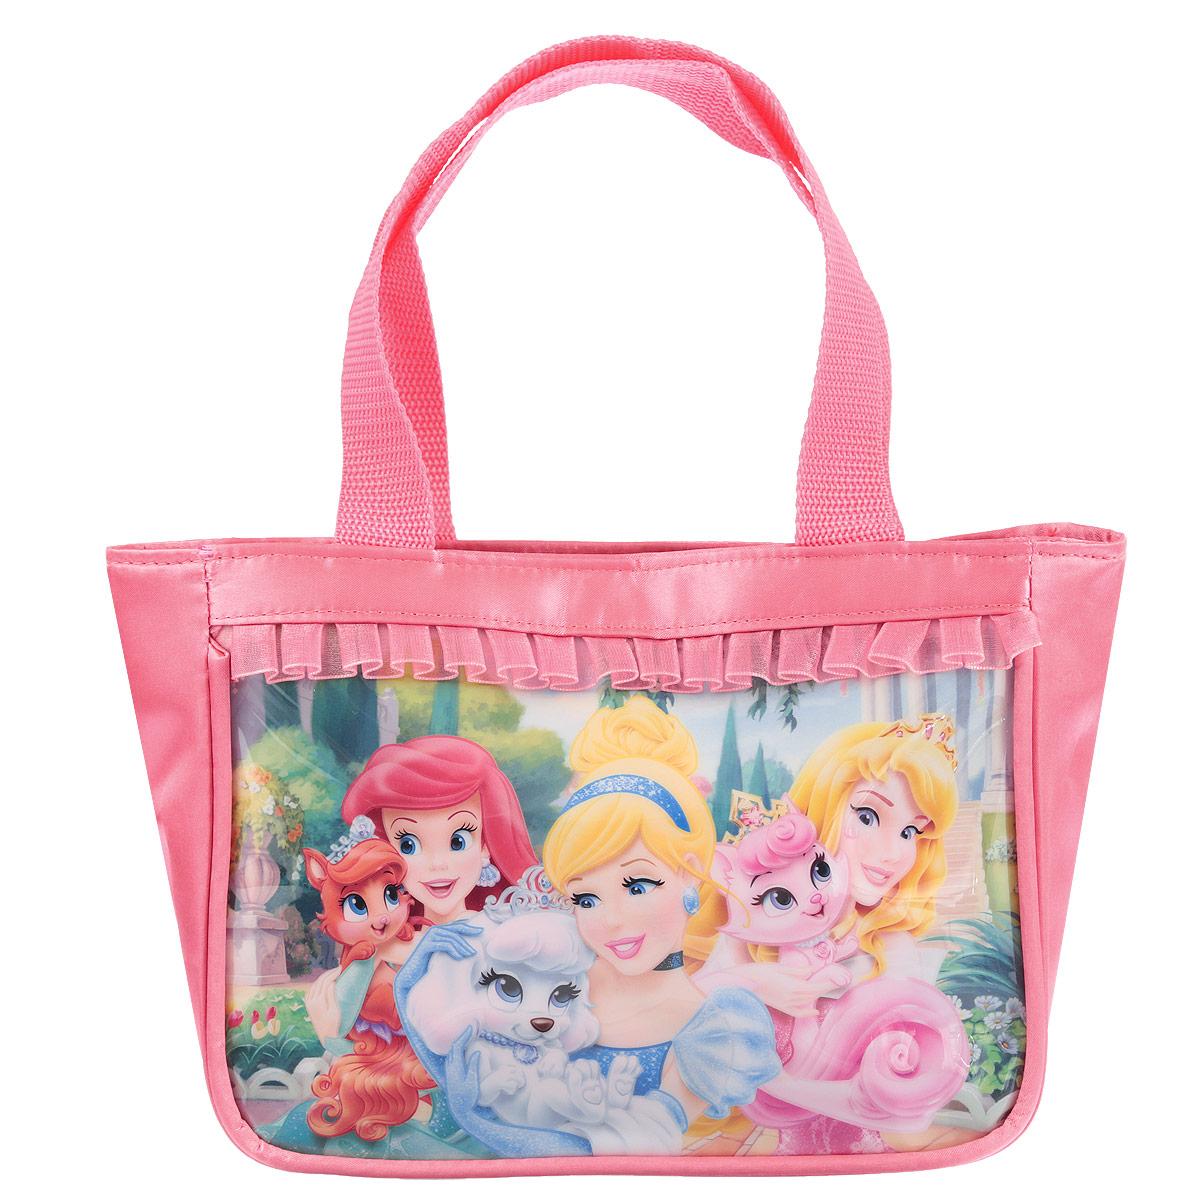 Сумочка детская Princess, цвет: розовыйPRCB-UT4-4011Детская сумочка Princess - это модный аксессуар для юной поклонницы популярного мультсериала . Сумочка выполнена из прочного материала ярко-розового цвета и оформлена с лицевой стороны аппликацией из ПВХ с изображением трех принцесс и обрамлена текстильной рюшкой. Сумочка содержит одно отделение и закрывается с помощью застежки-молнии. Сумочка оснащена не регулируемыми ручками для переноски в руке. Порадуйте свою малышку таким замечательным подарком! Предназначено для детей 7-10 лет.